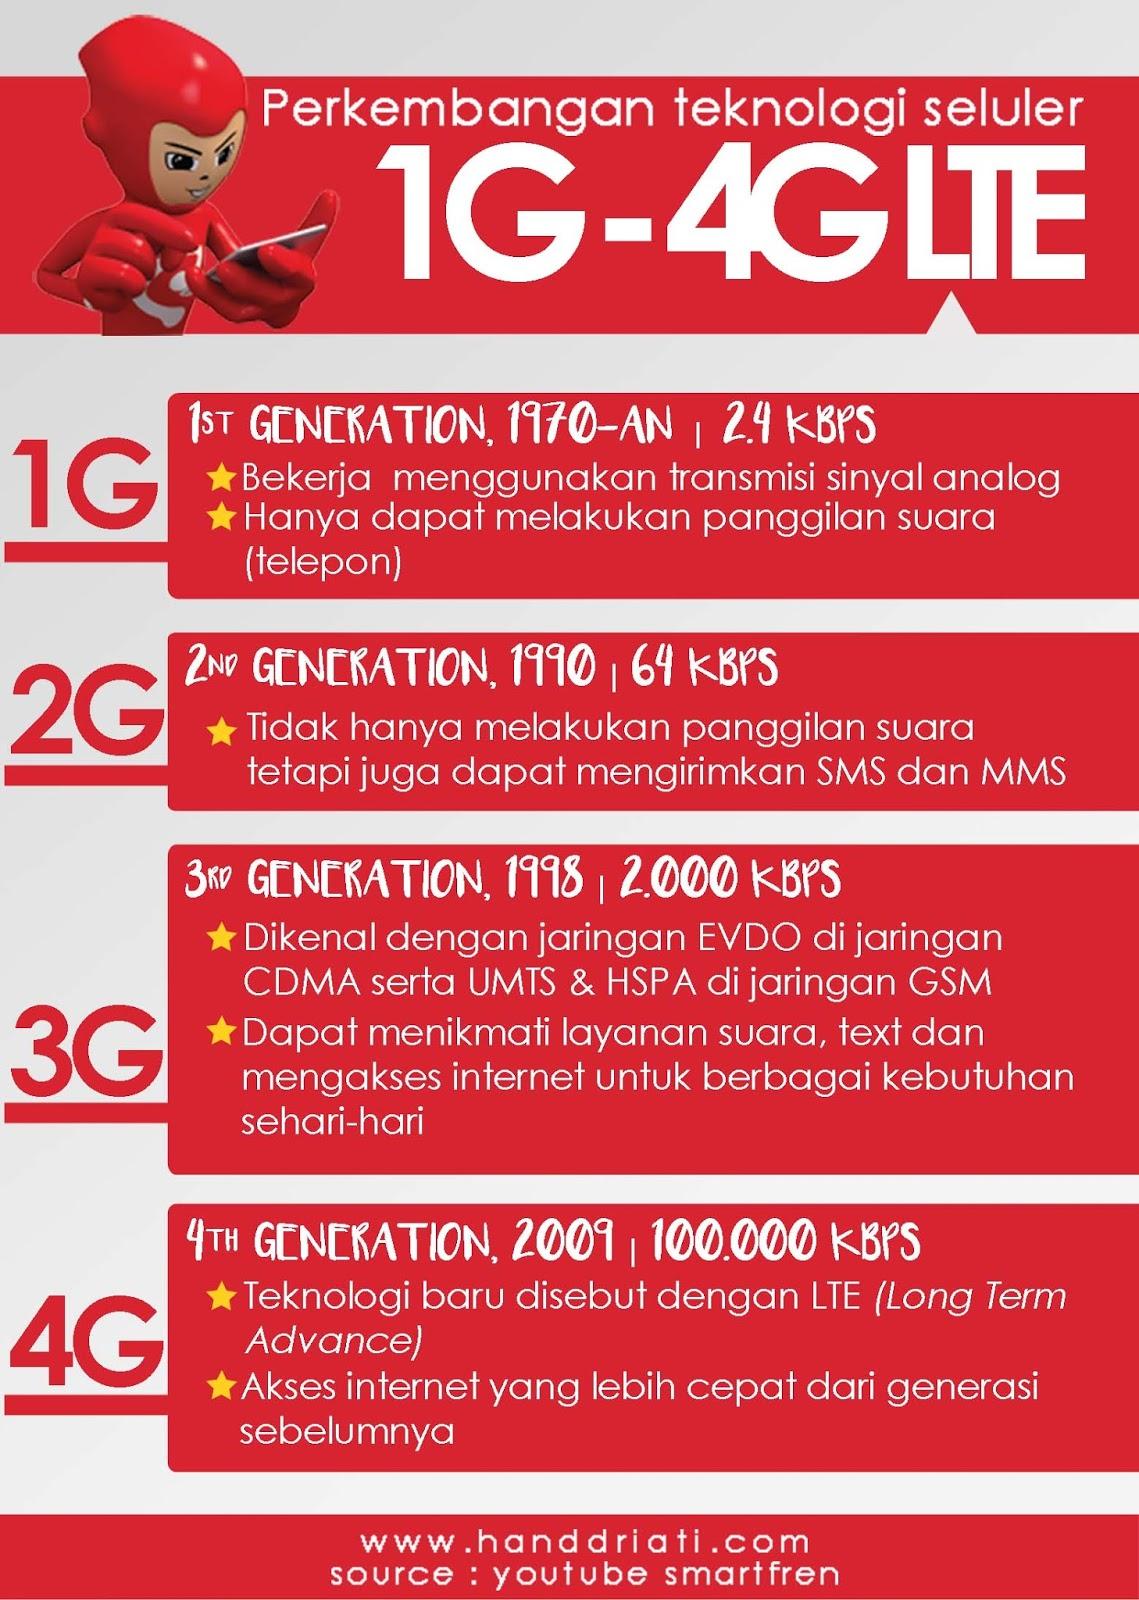 generasi 4G internet cepat